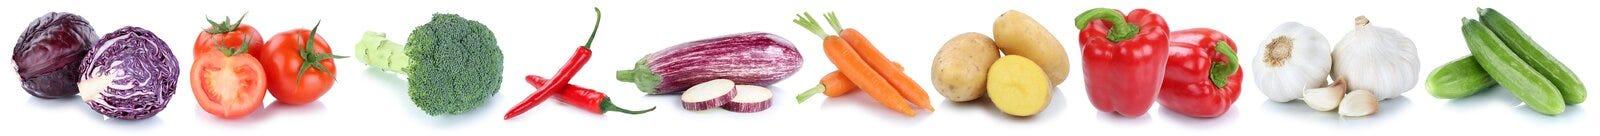 Картошки огурца томатов морковей овощей свежие изолированные внутри Стоковые Изображения RF